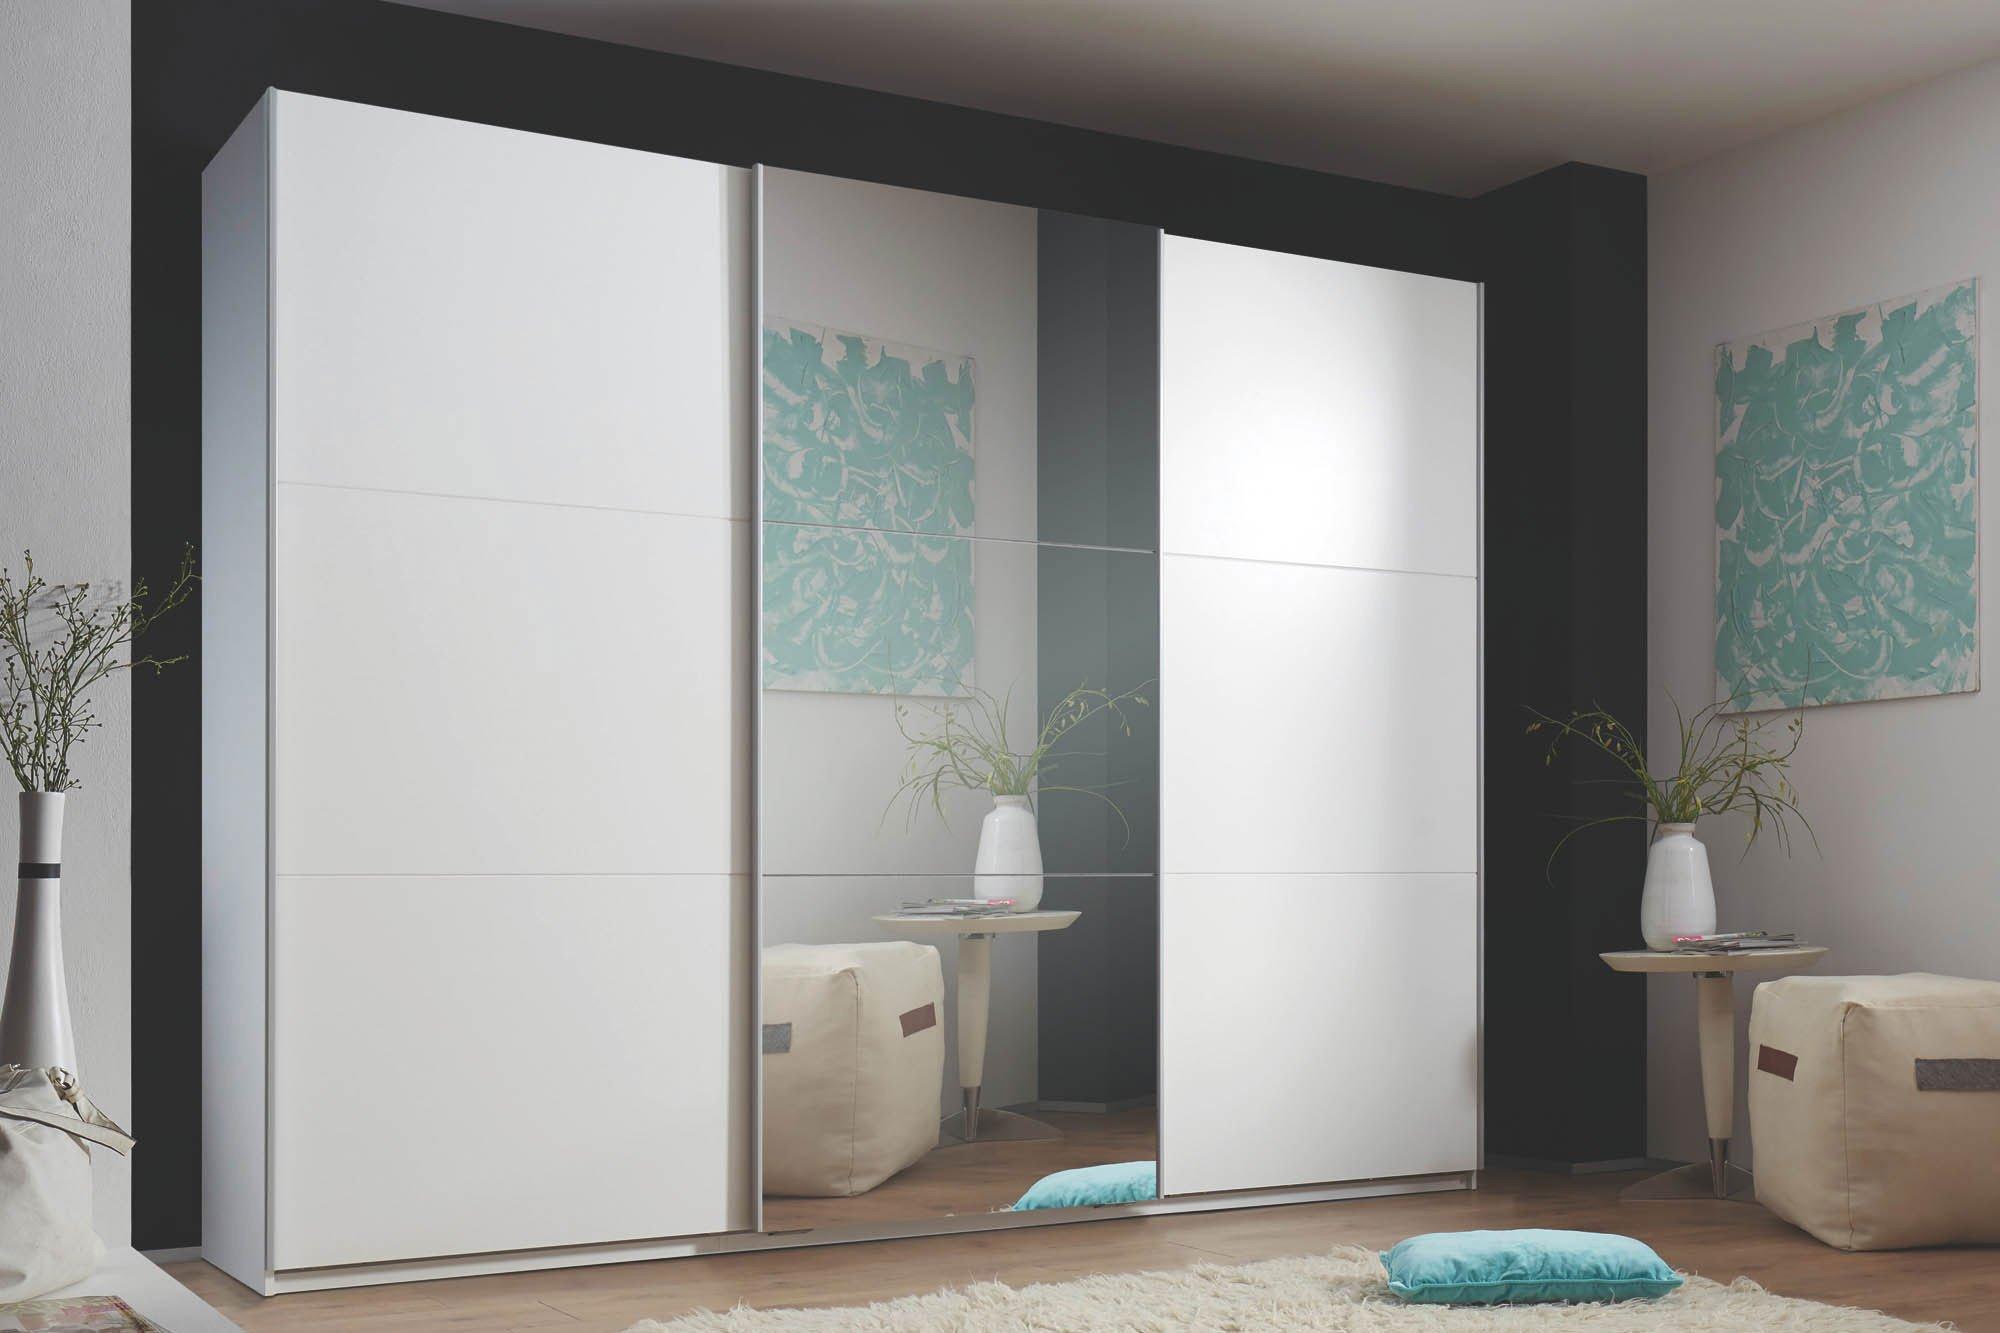 weier schrank mit spiegel weisser schrank kiefer olcian. Black Bedroom Furniture Sets. Home Design Ideas